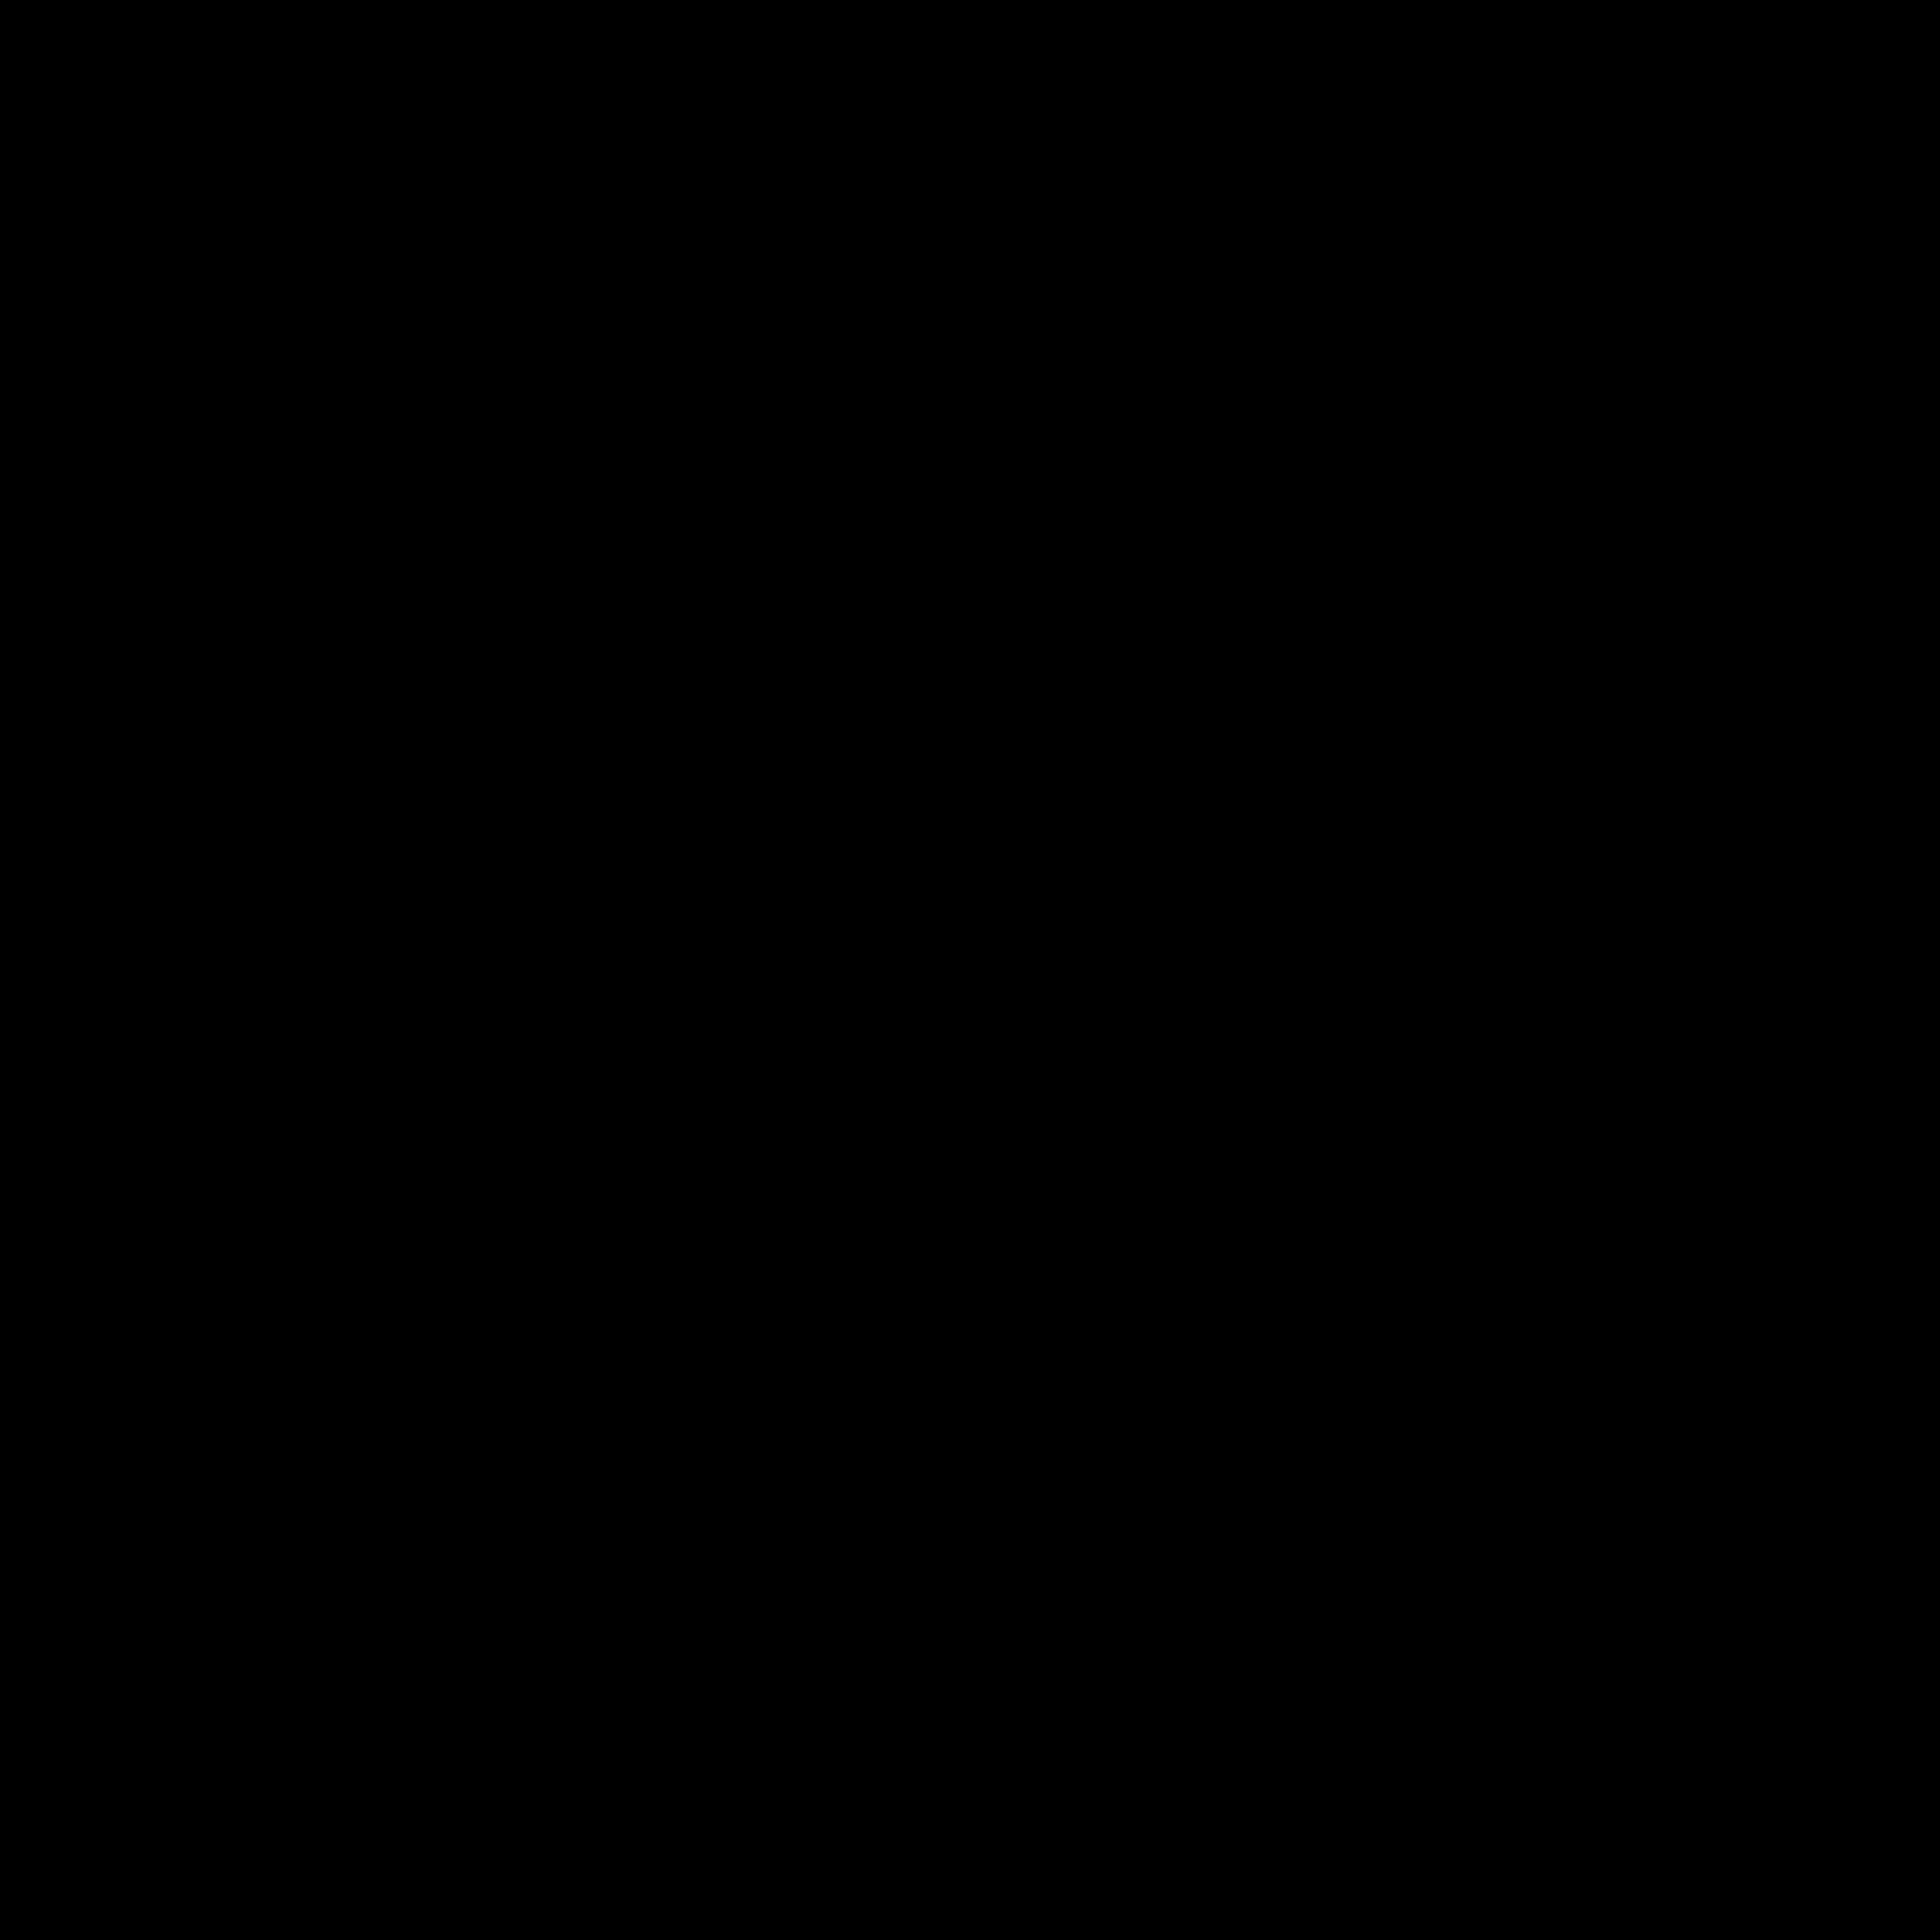 Mark Elliot Homes